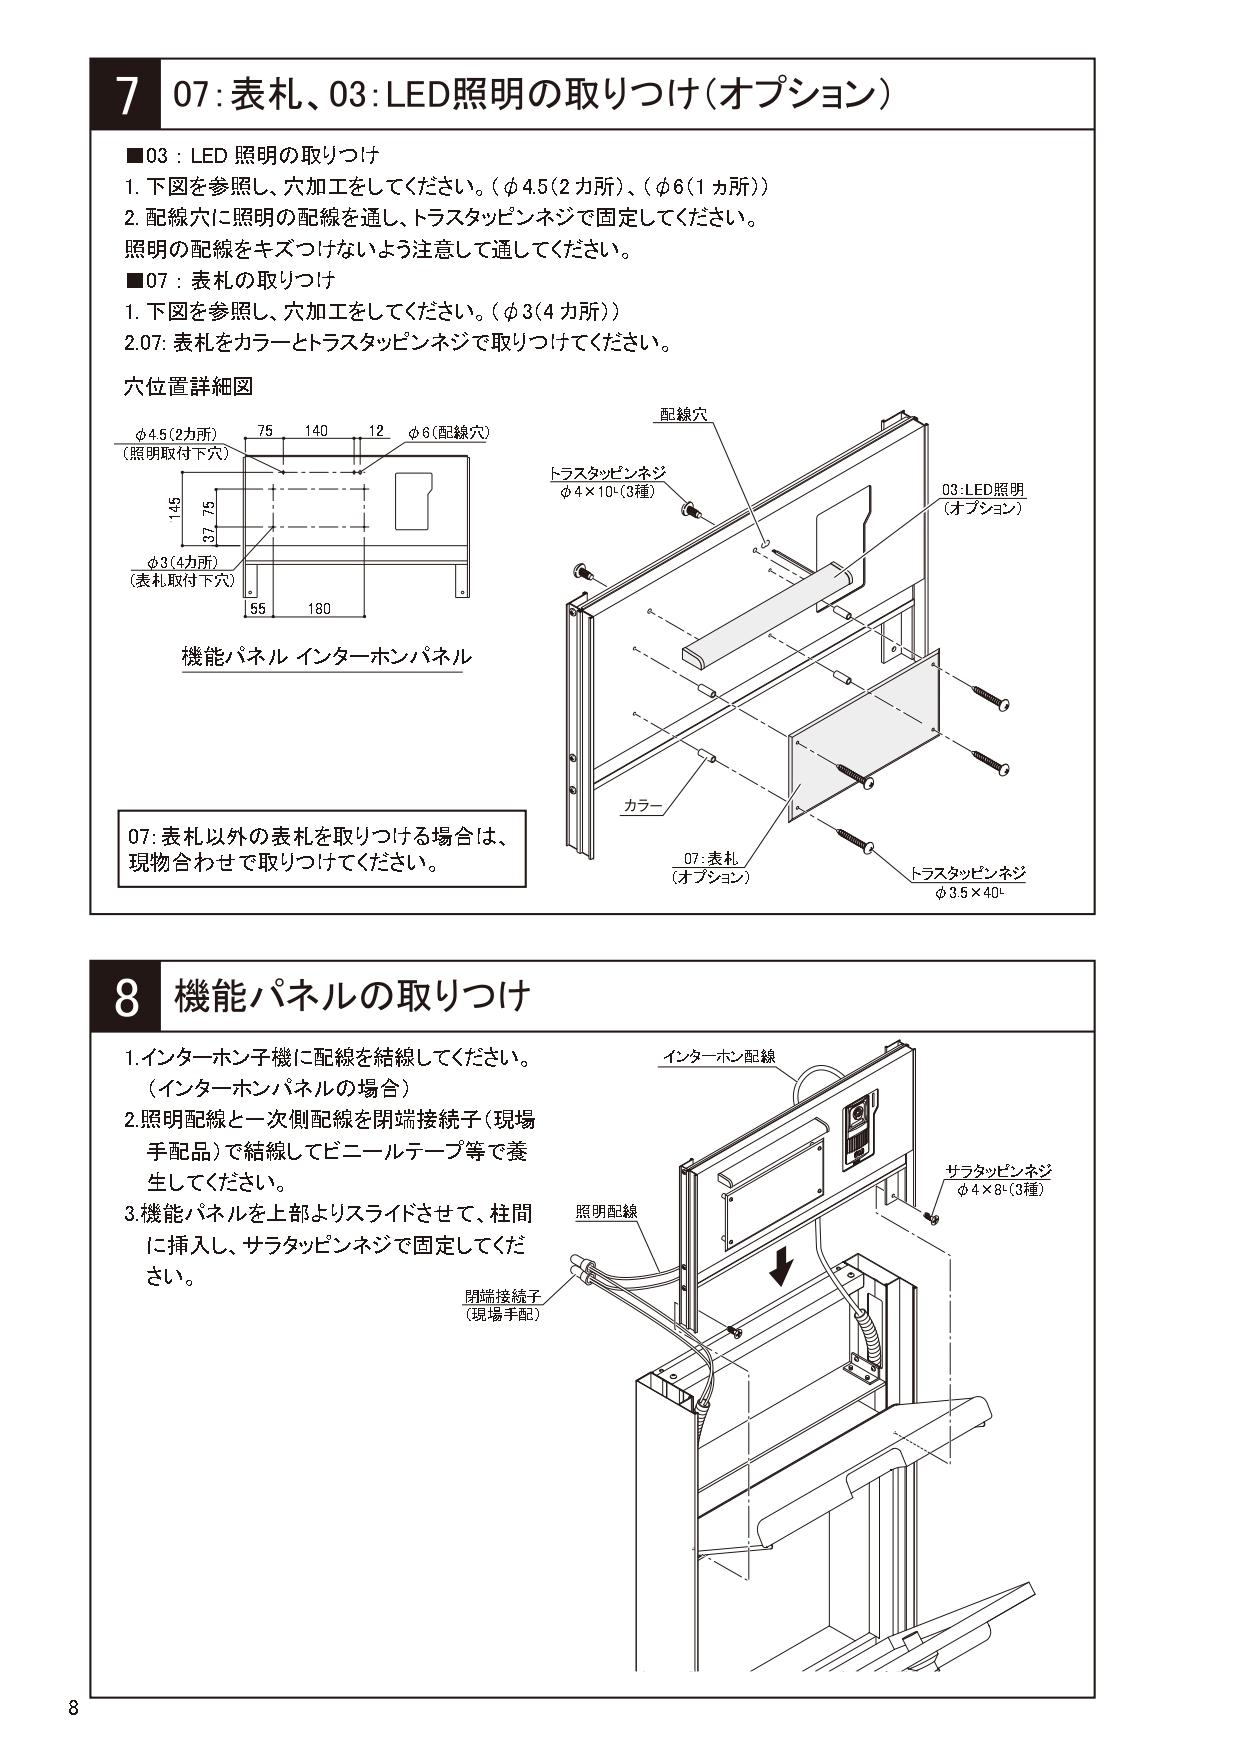 ソネット門柱1型 施工説明書_page-0008